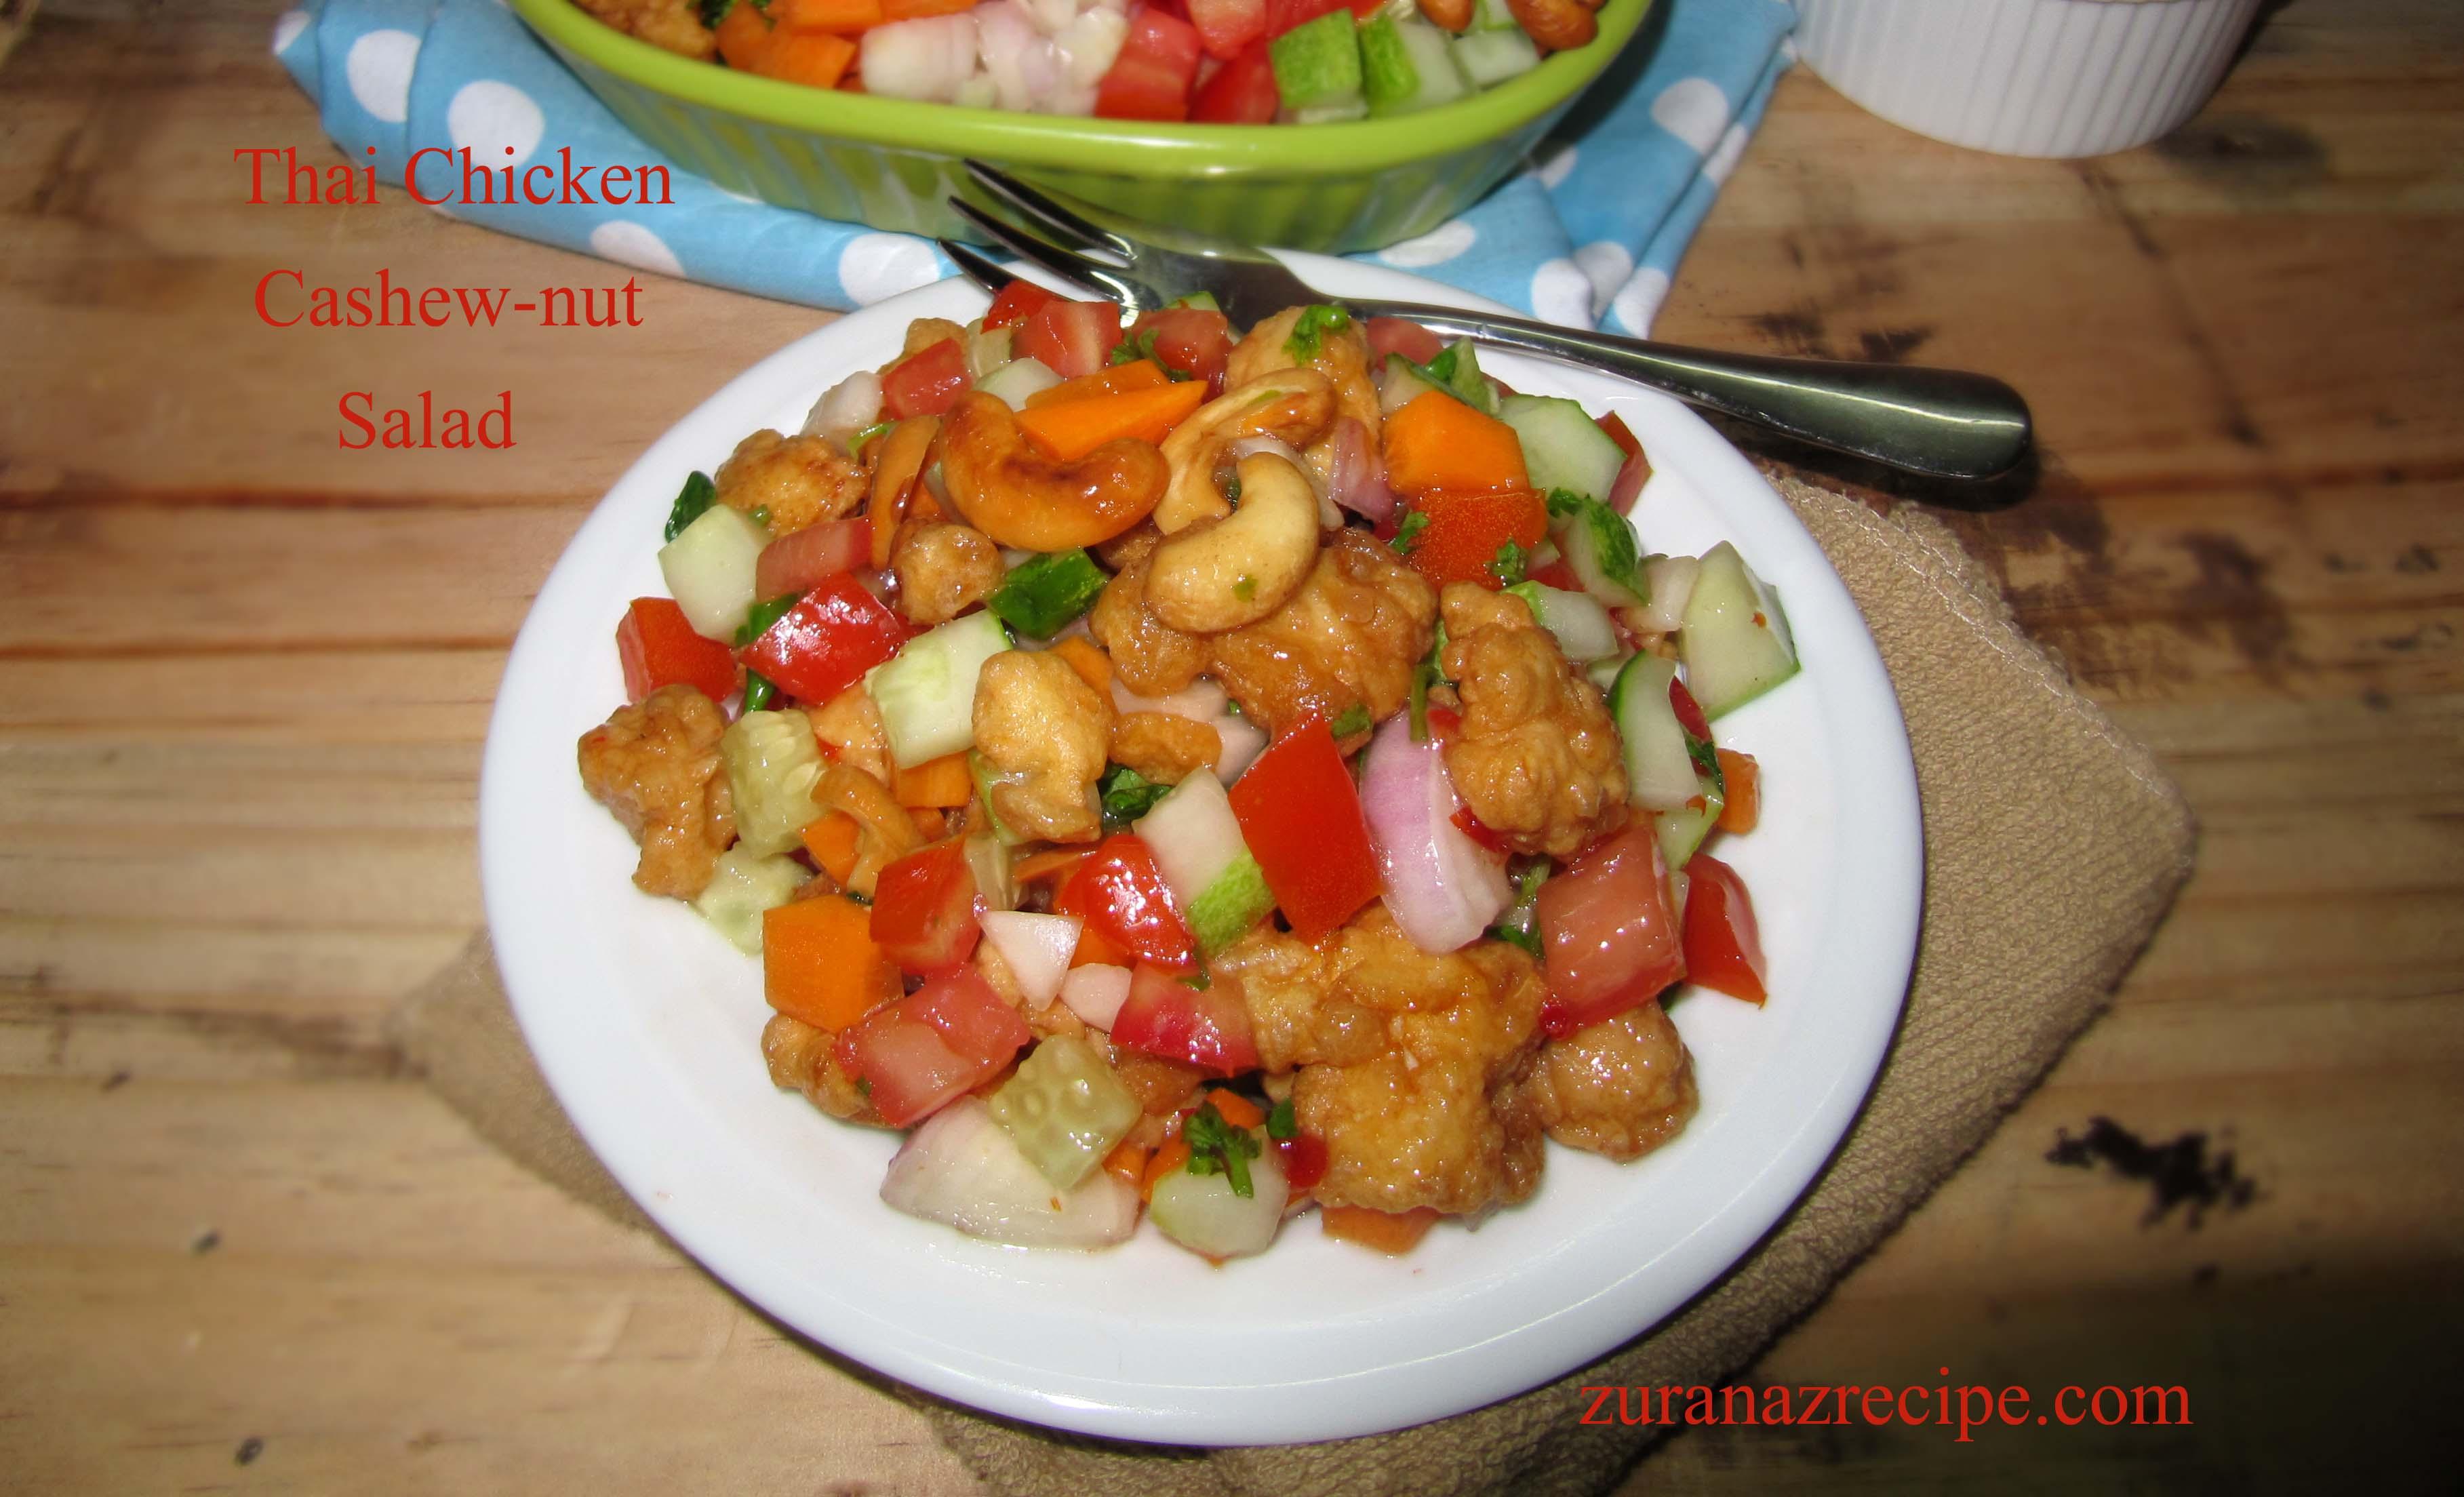 Thai Chicken Cashew Nut Salad